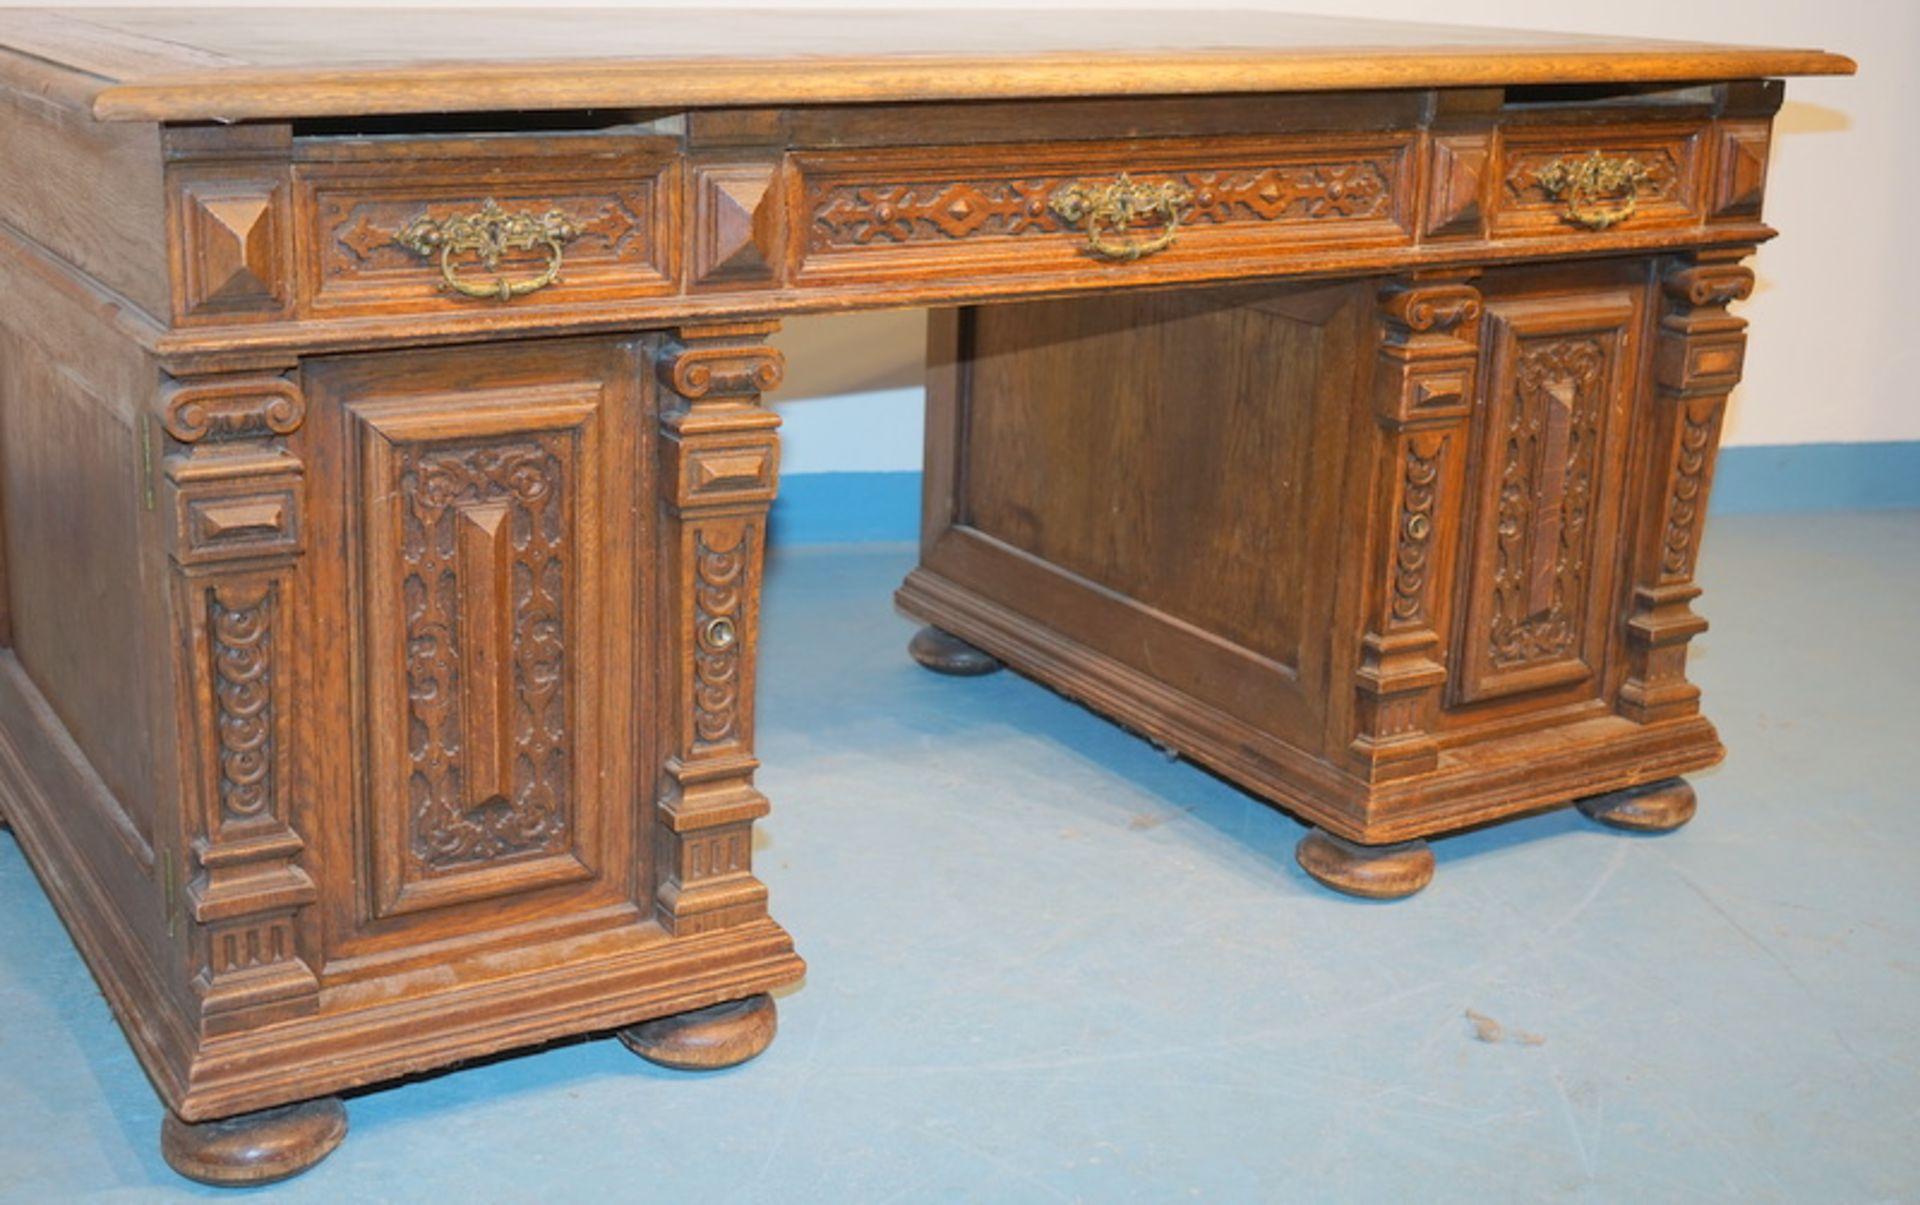 Schreibtisch der Gründerzeit, deutsch um 1890 - Bild 3 aus 3